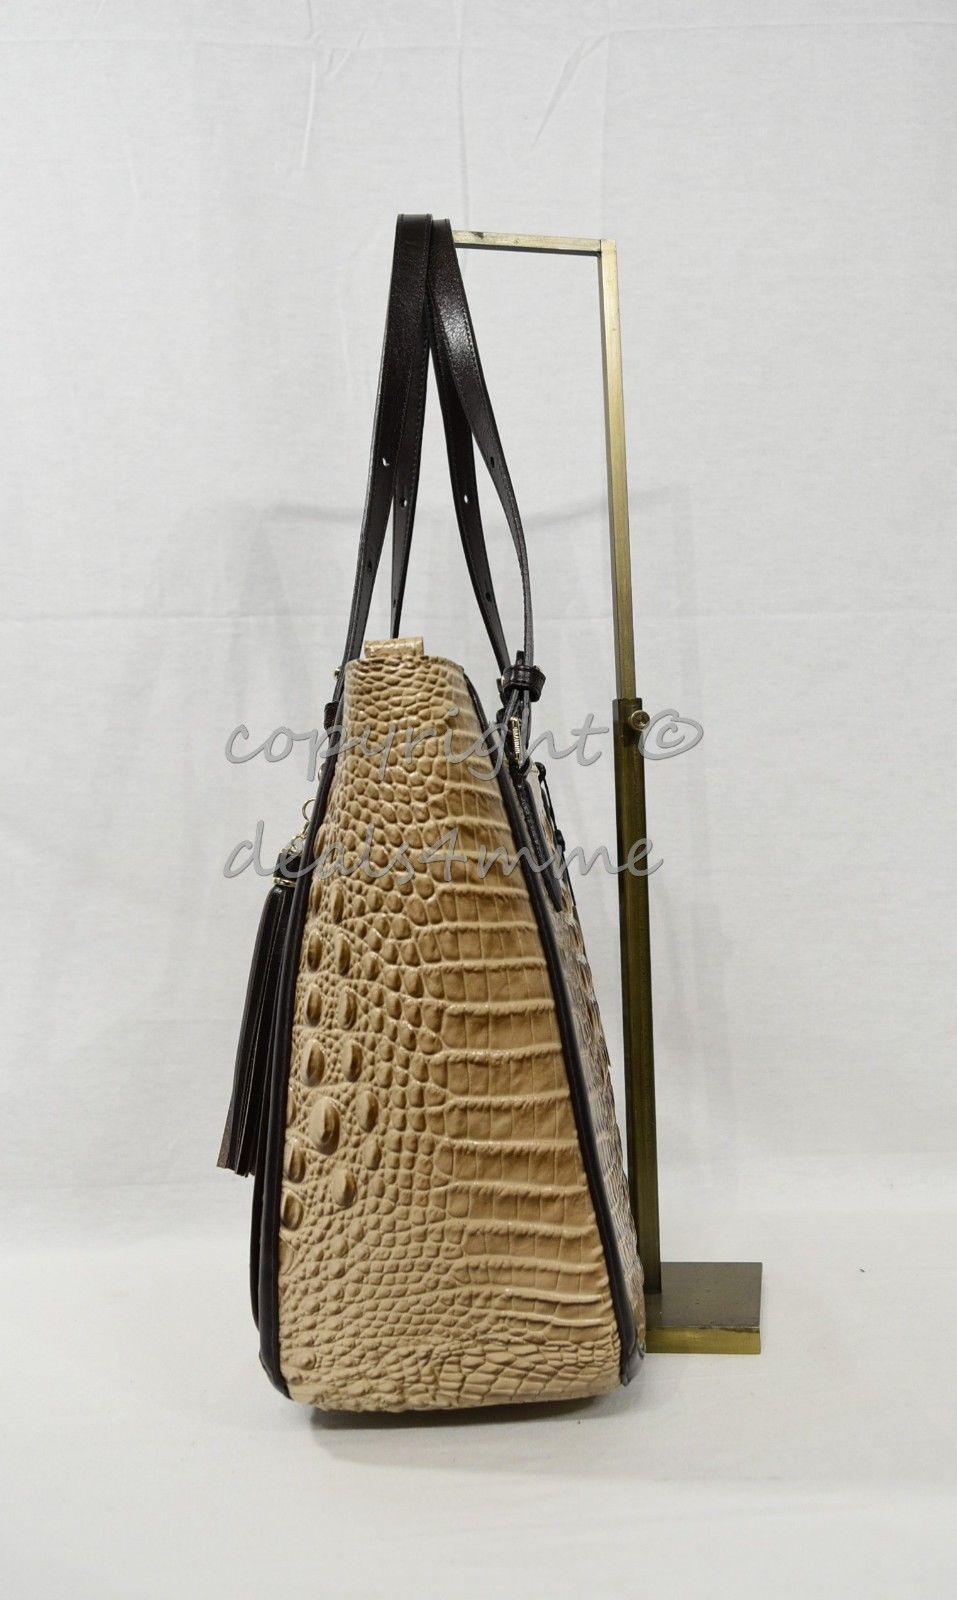 NWT  Brahmin Medium Lena Leather Tote/Shoulder Bag in Travertine Vermeer image 7